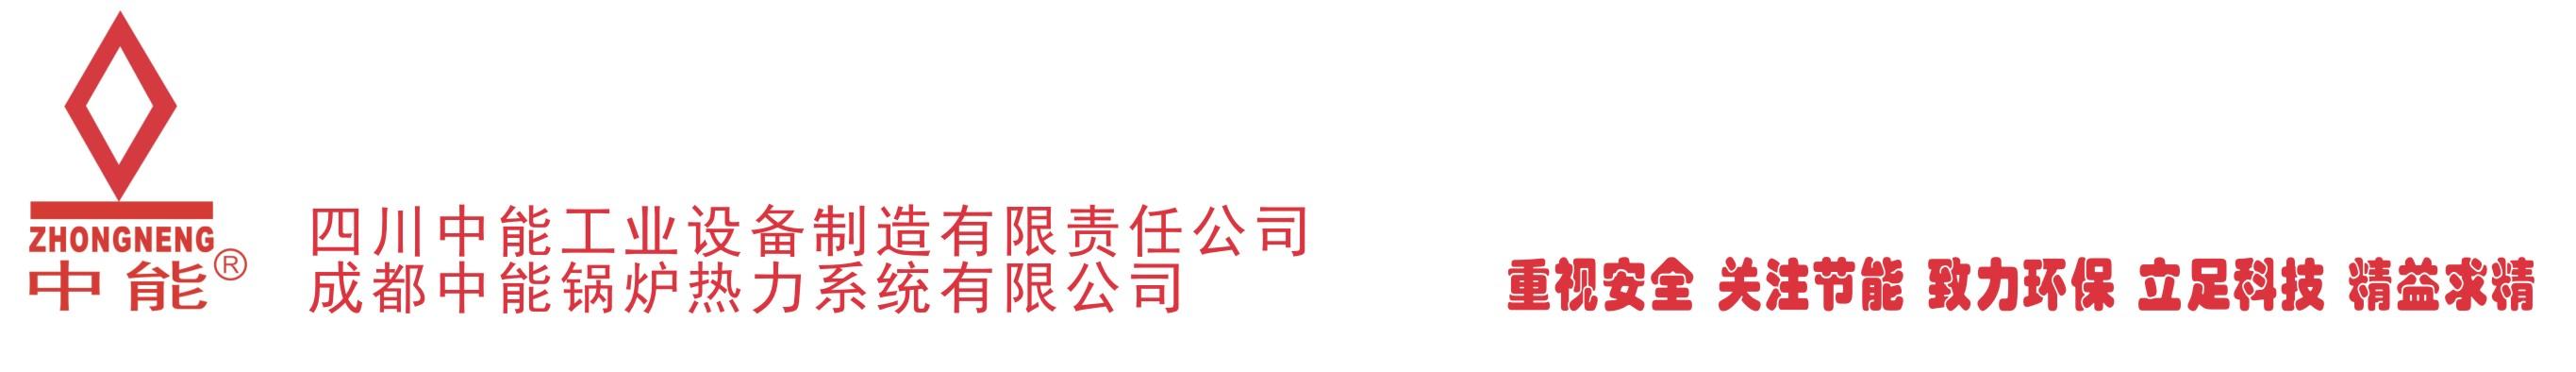 四川中能工业设备制造有限责任公司